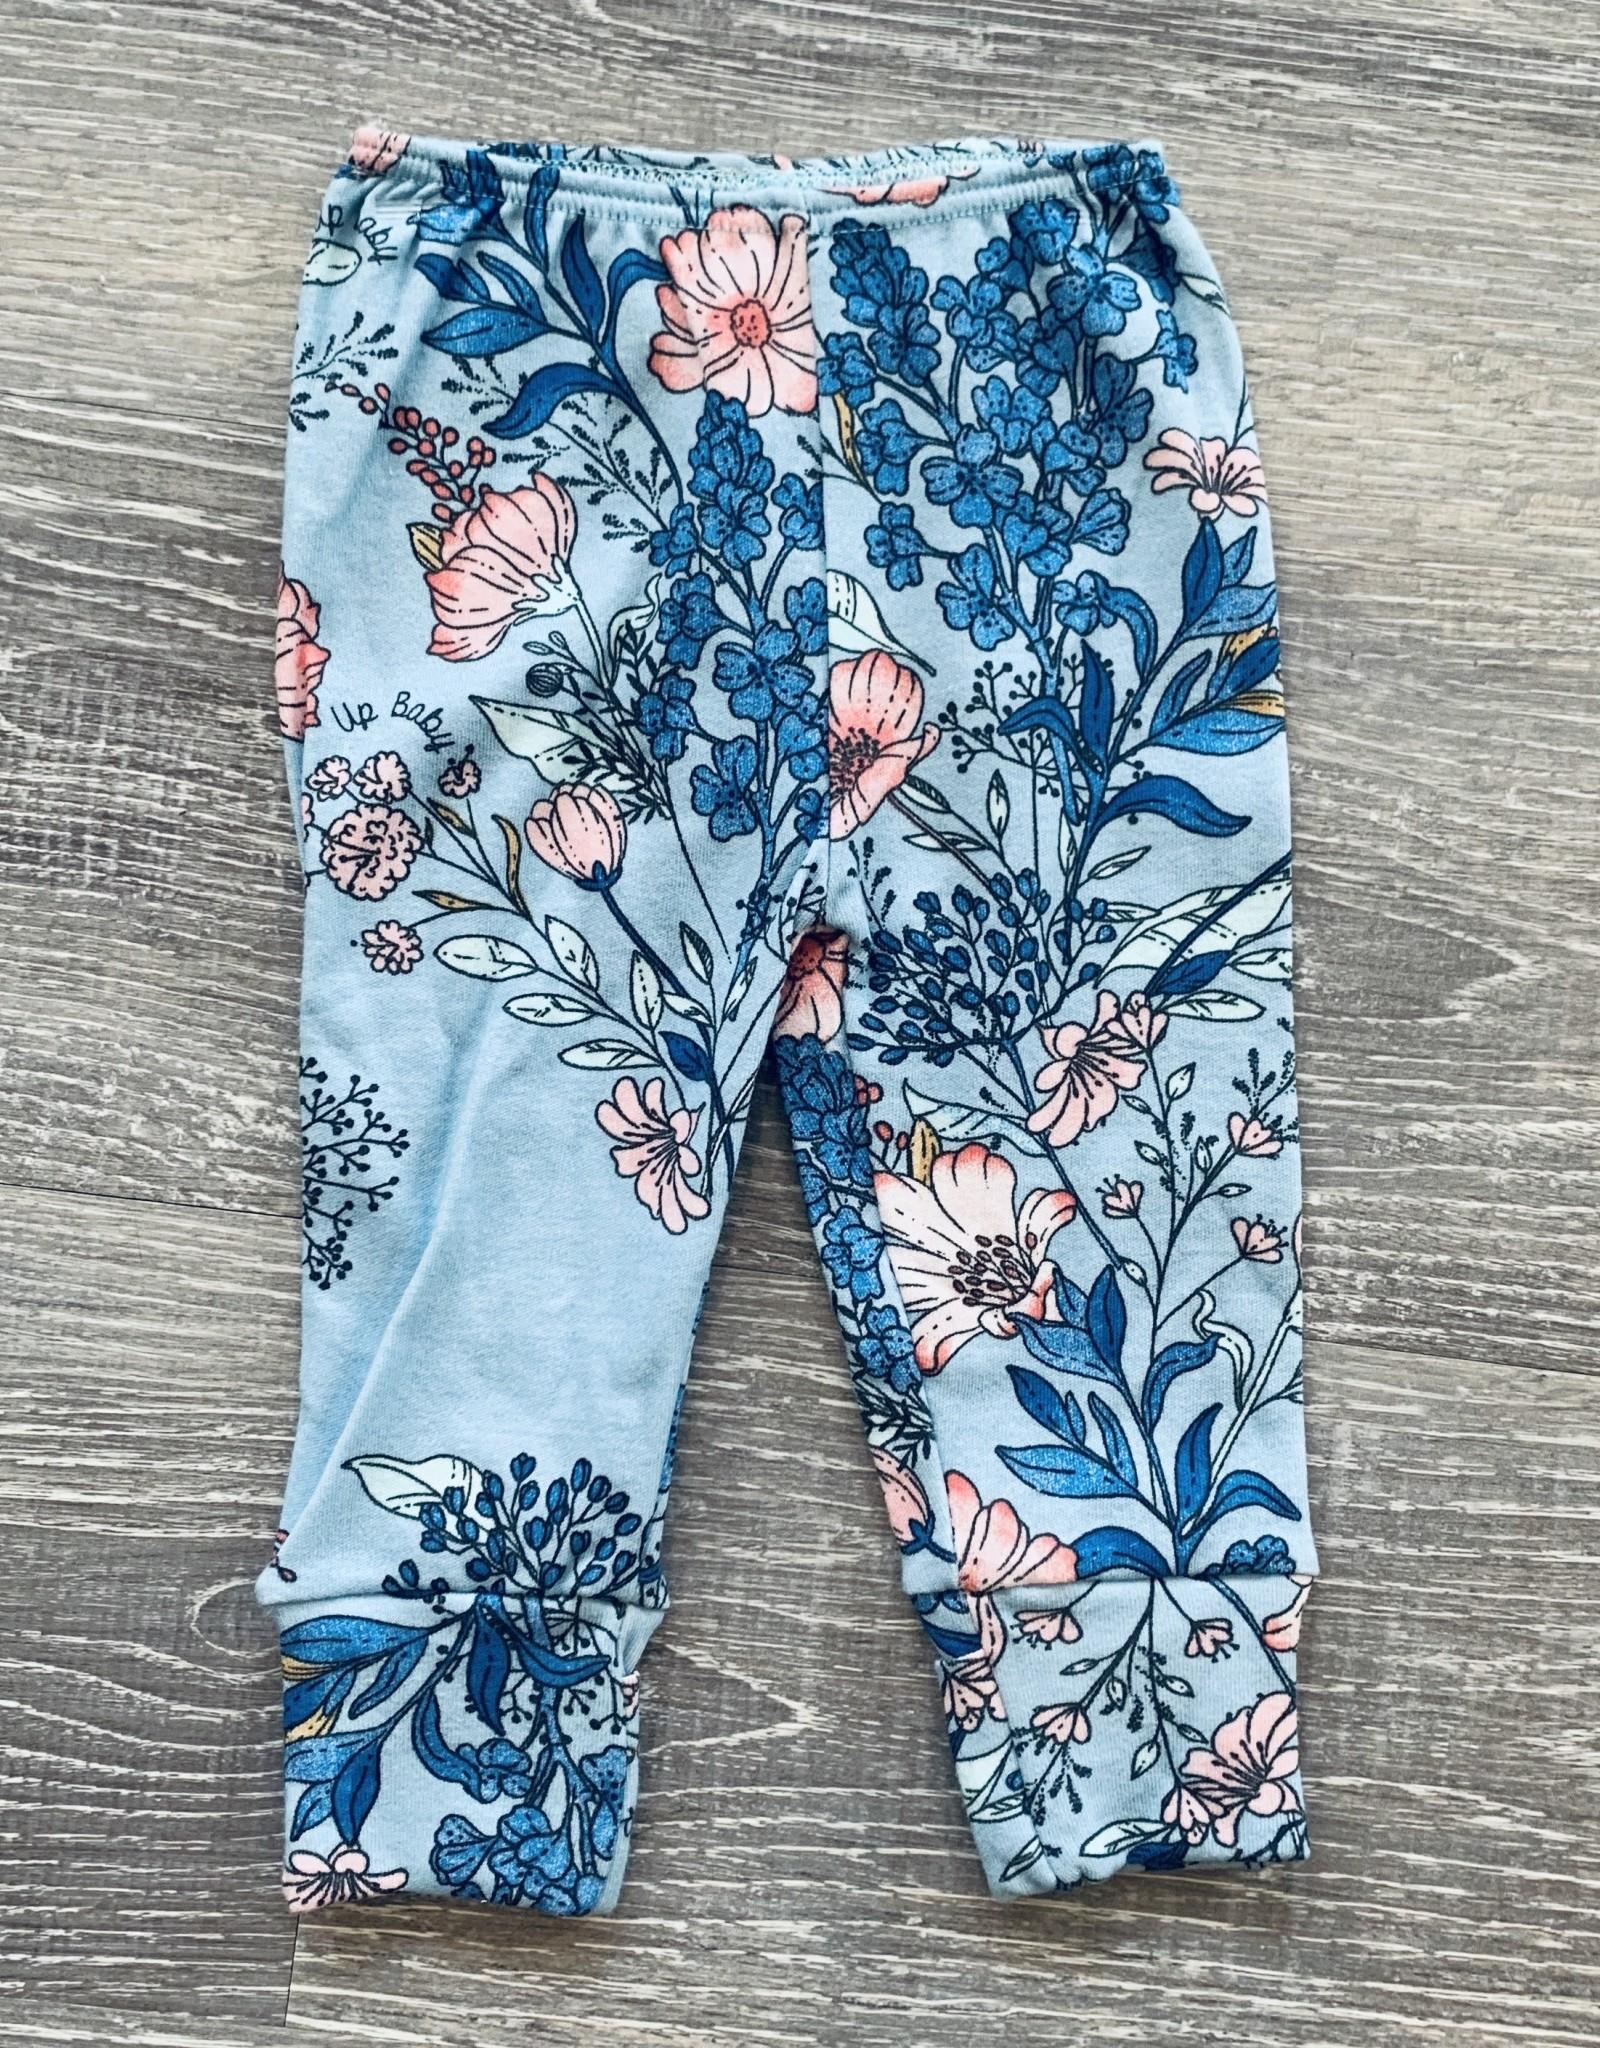 UpBaby My Little Garden Pant Set